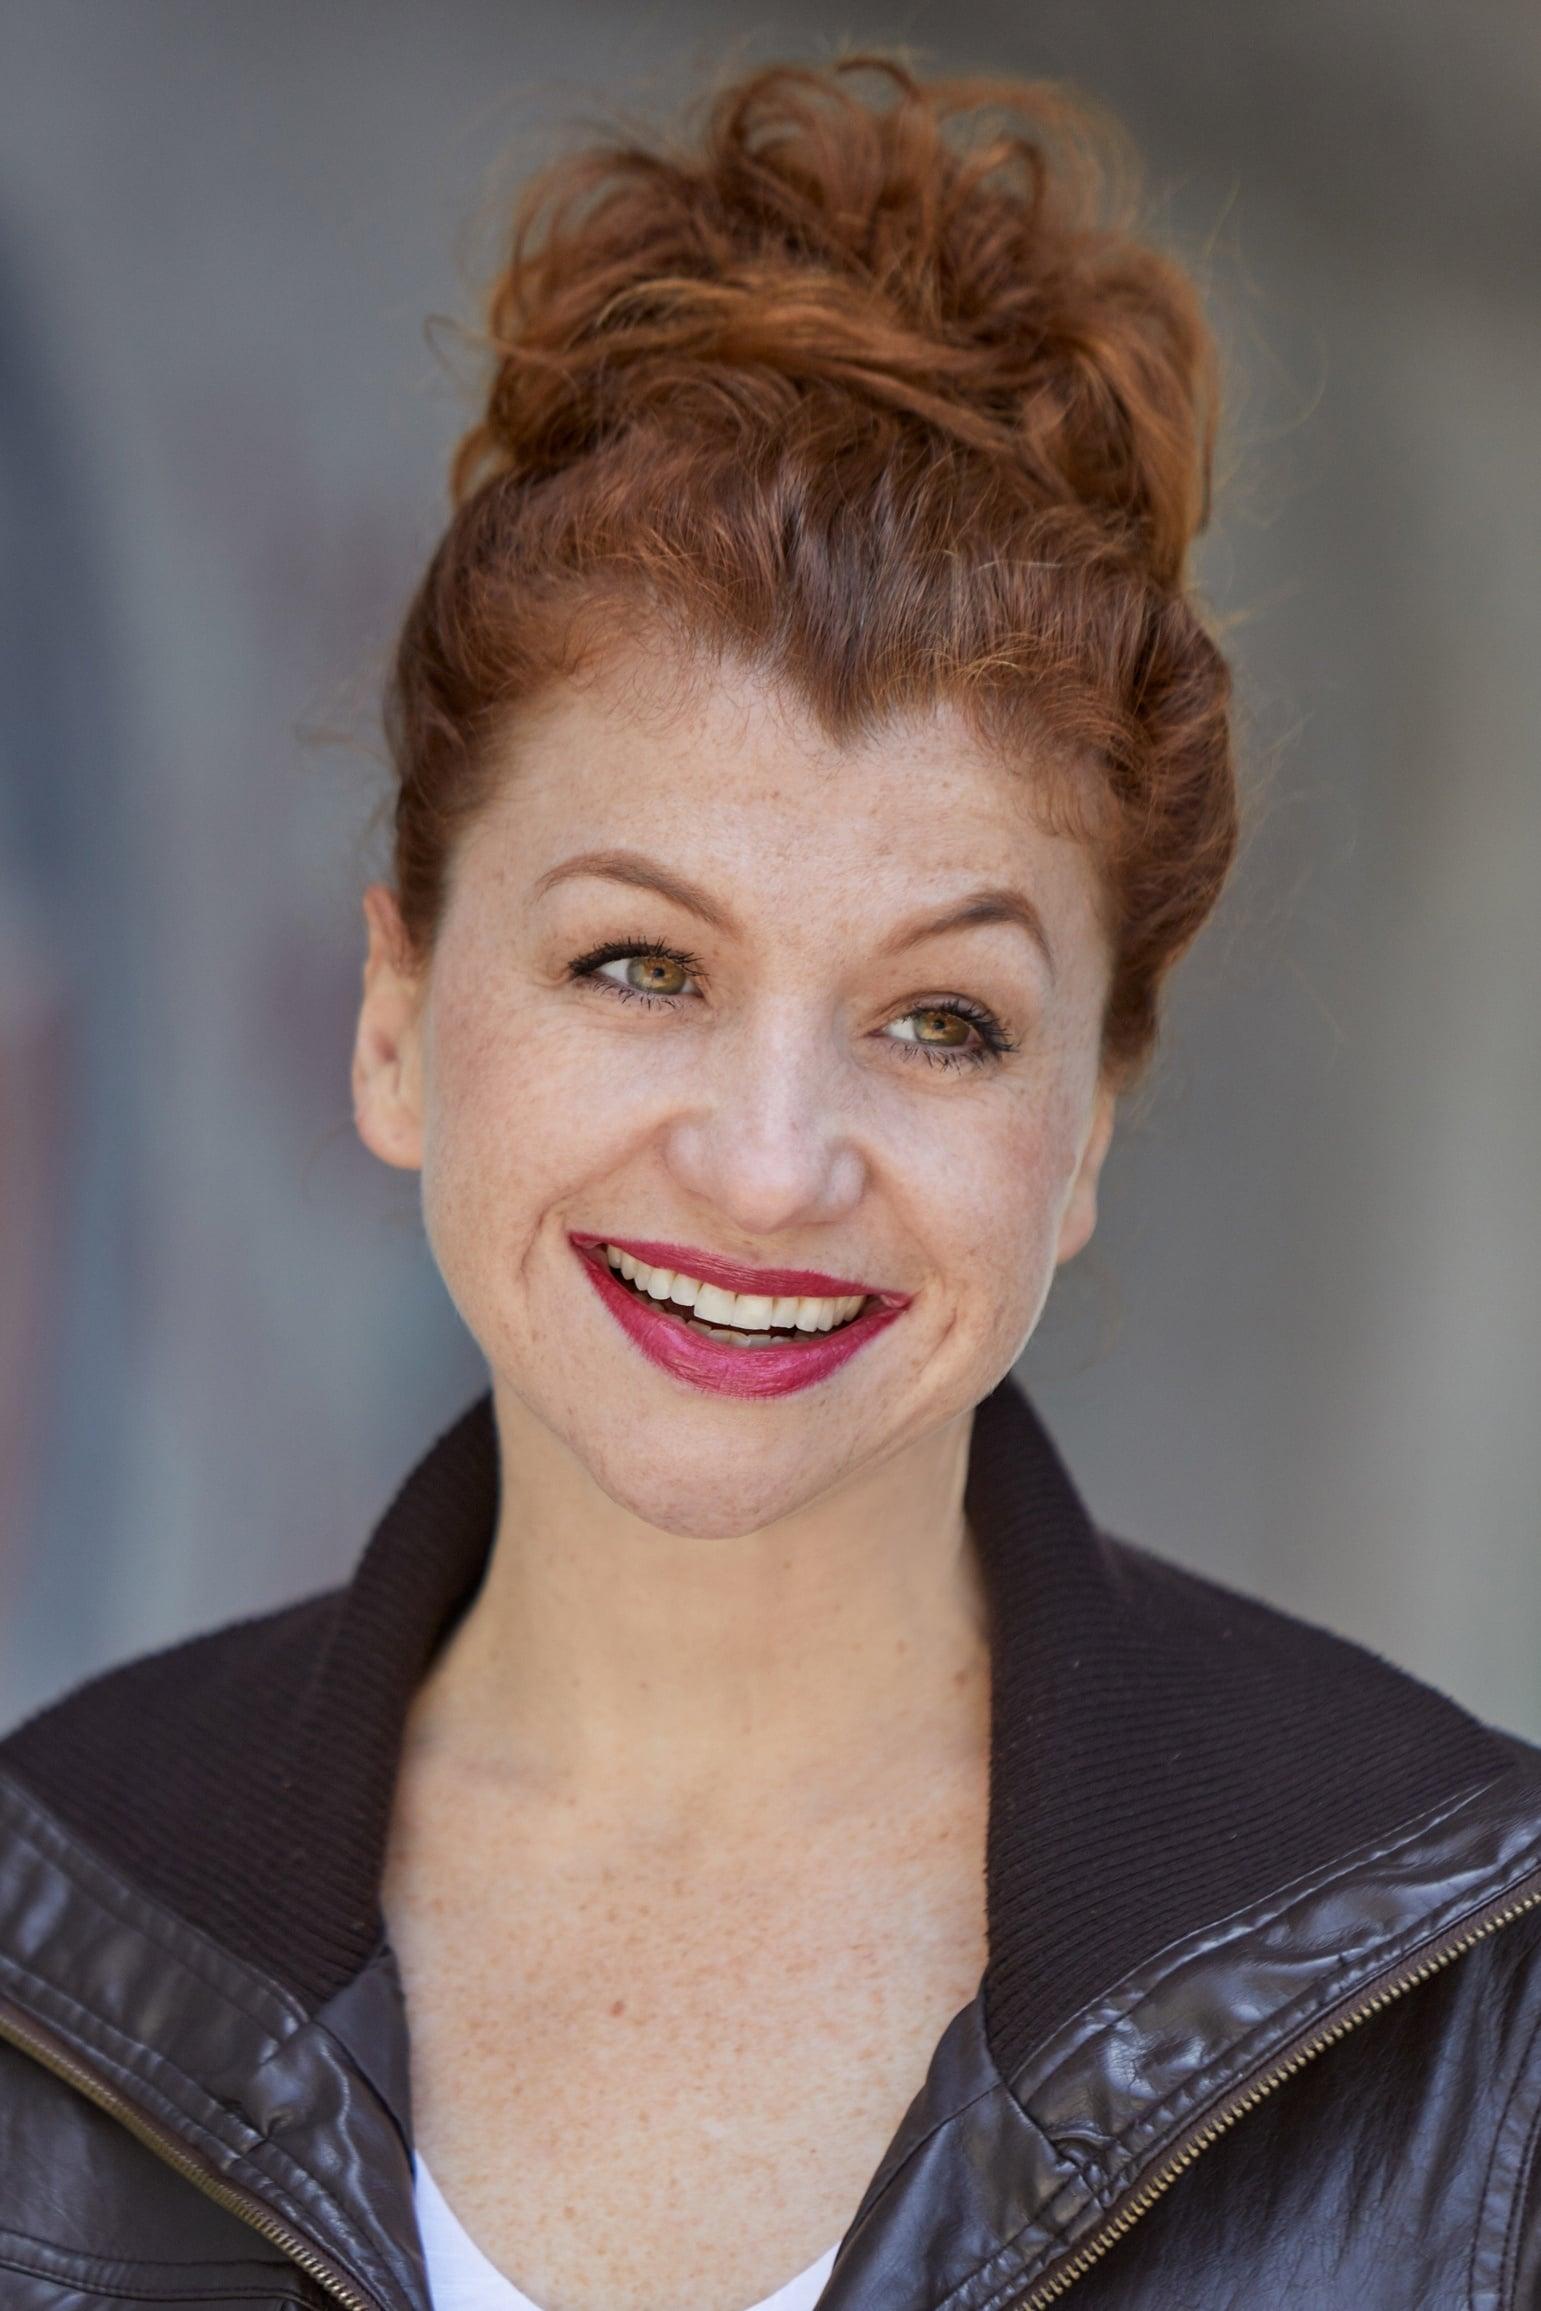 Anna Carini